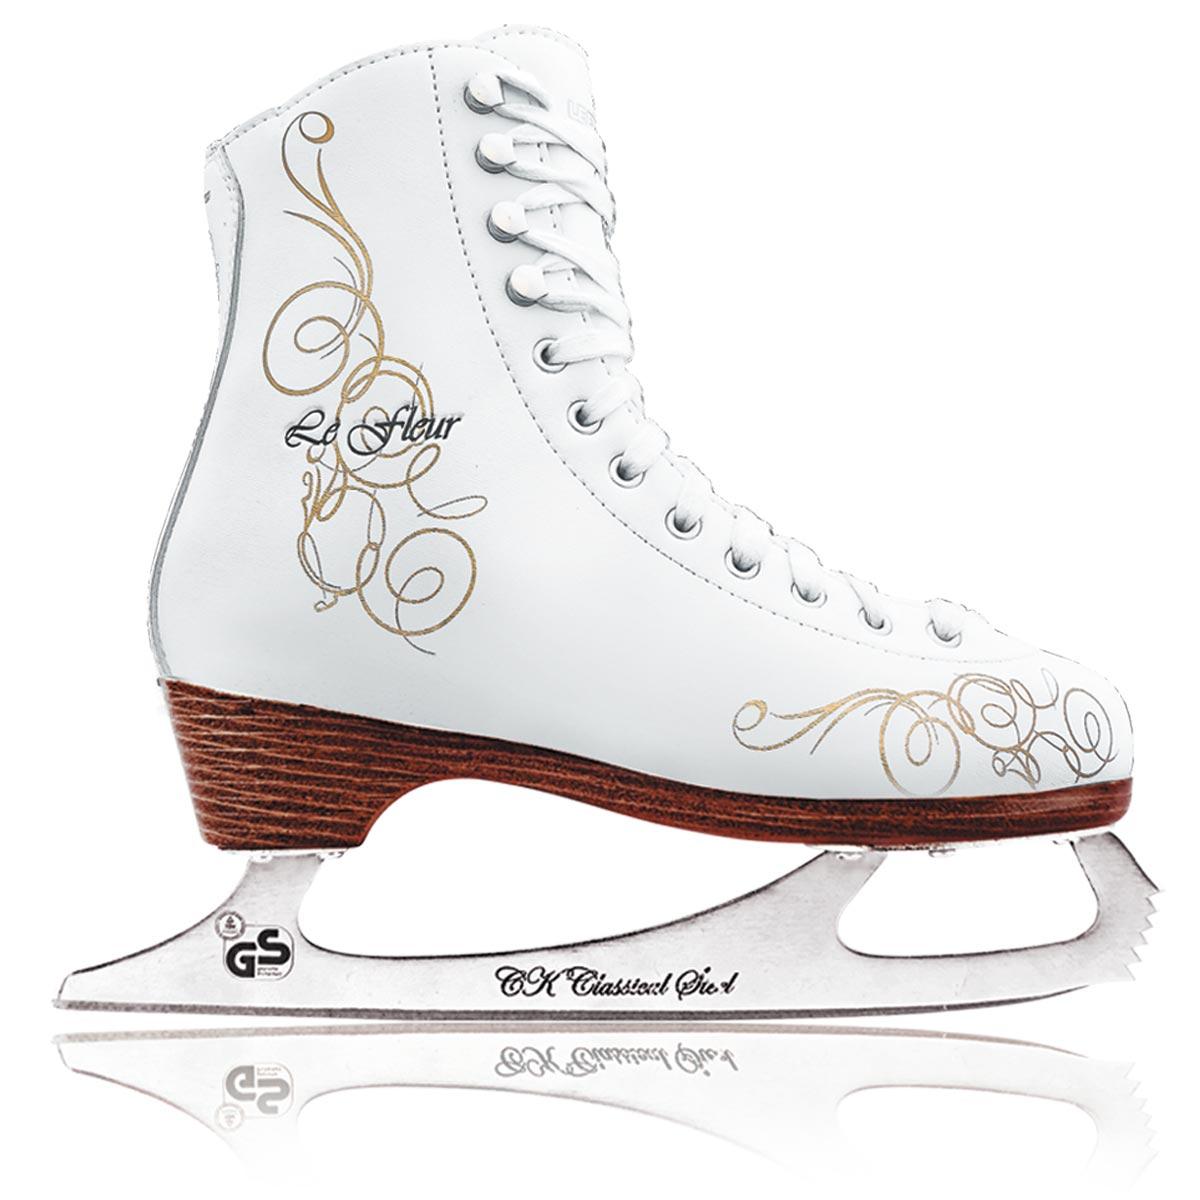 Коньки фигурные женские СК Le Fleur Leather 50/50, цвет: белый, золотой. Размер 41LE FLEUR leather 50/50_белый, золотой_41